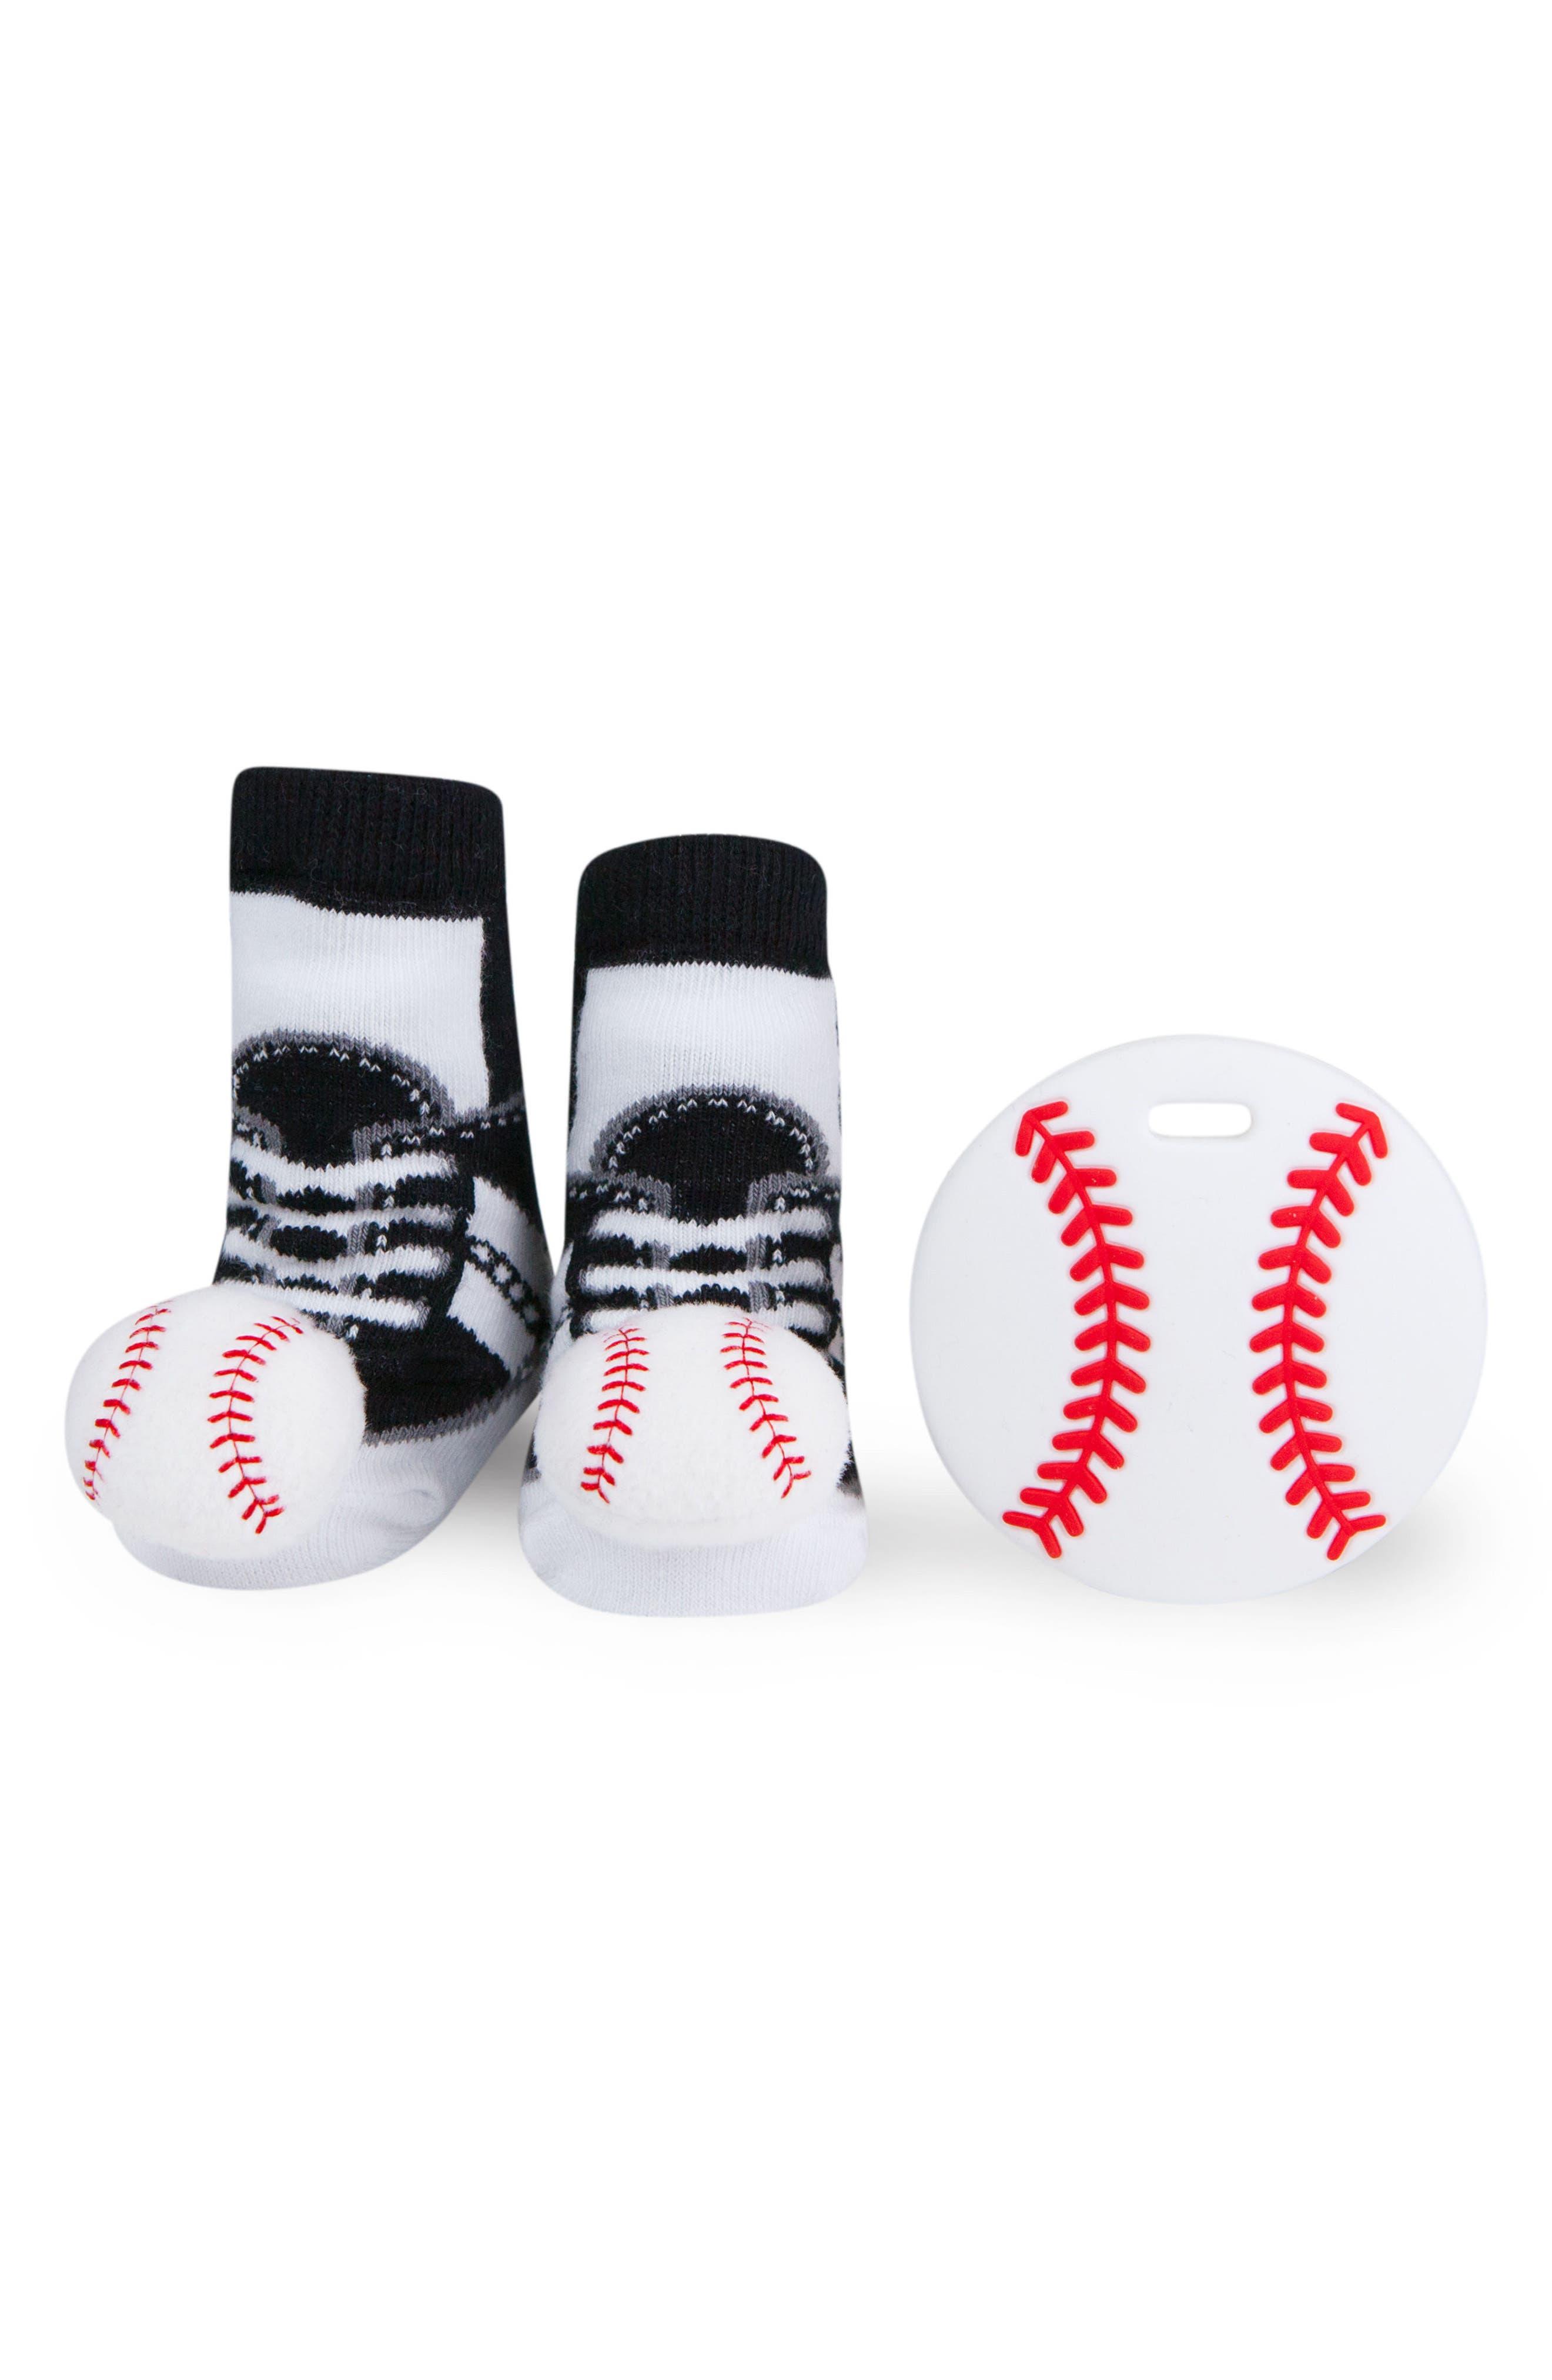 Baseball Rattle Socks & Teether Gift Set,                         Main,                         color, WHITE